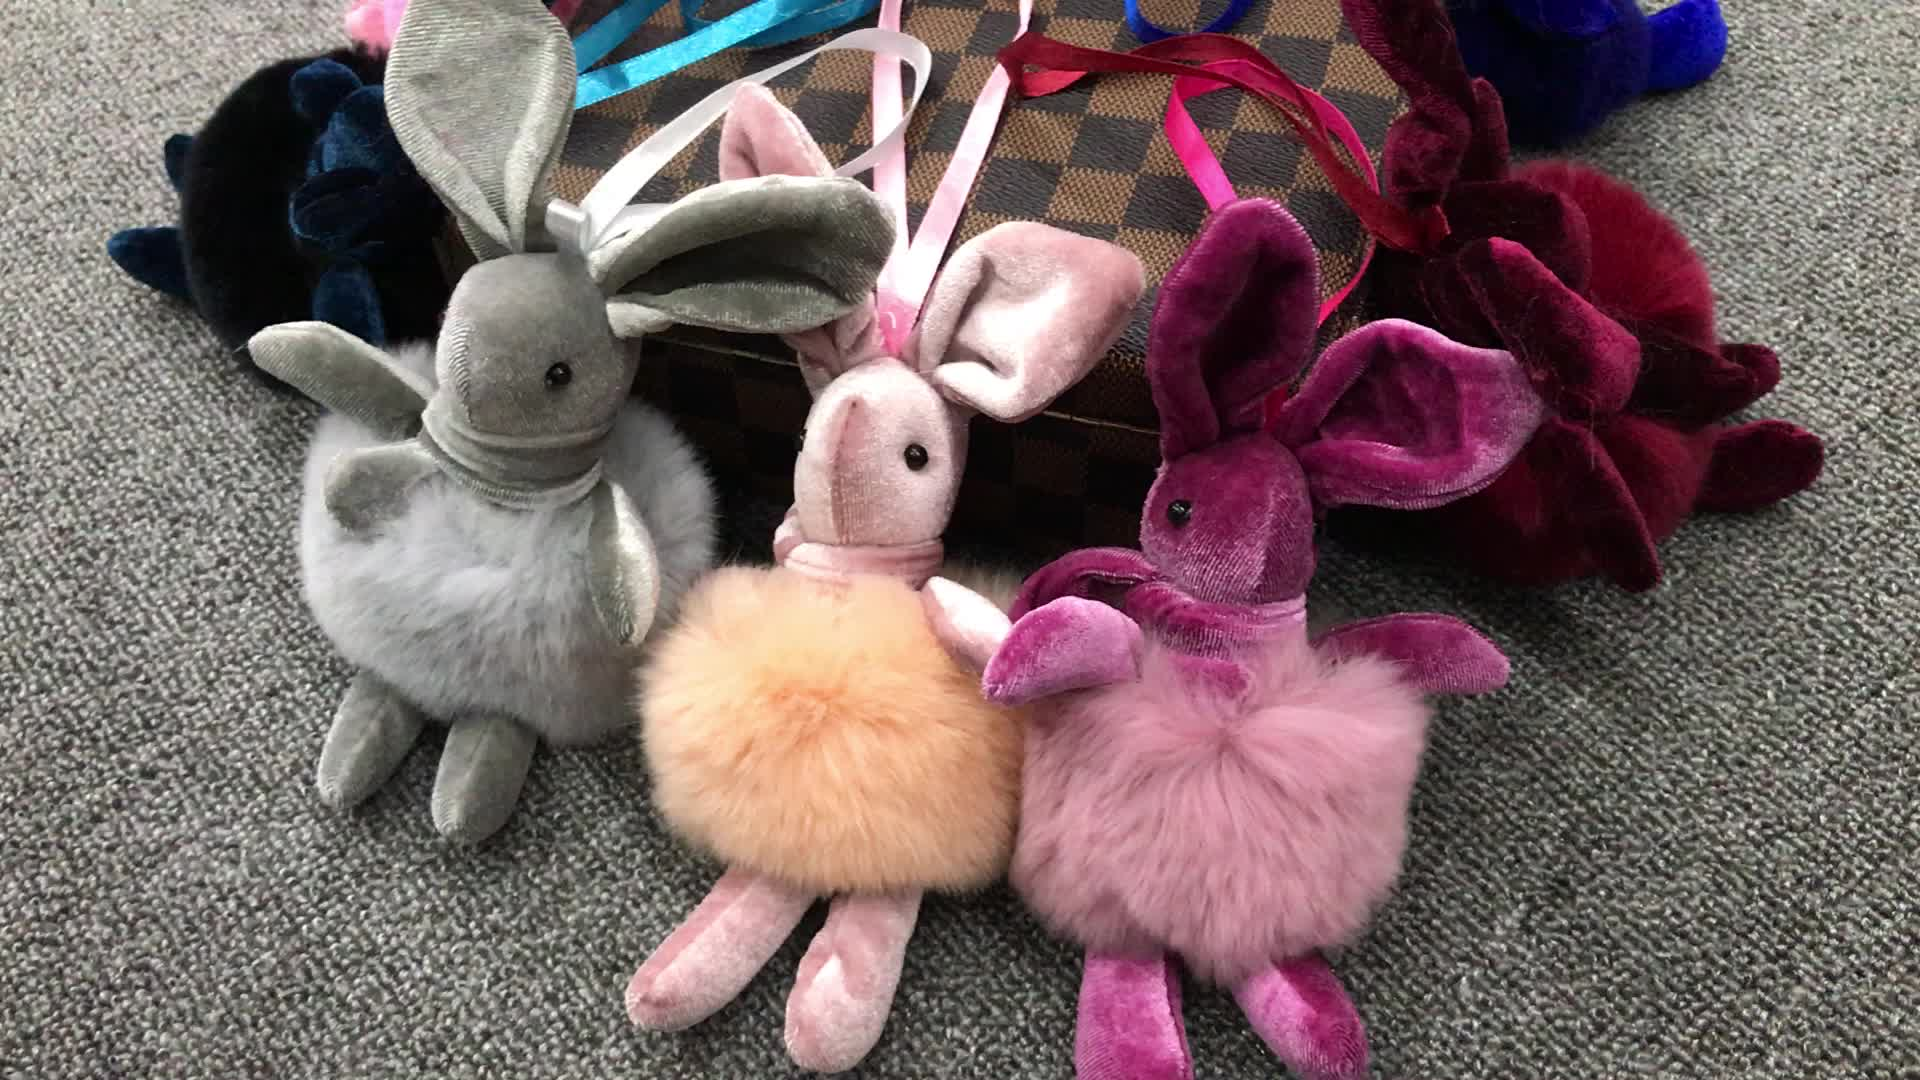 18เซนติเมตรยาวขนาดใหญ่น่ารักปุยกระต่ายพวงกุญแจกระต่ายเร็กซ์ขนกระต่ายสำหรับกระเป๋าและที่สำคัญแหวน